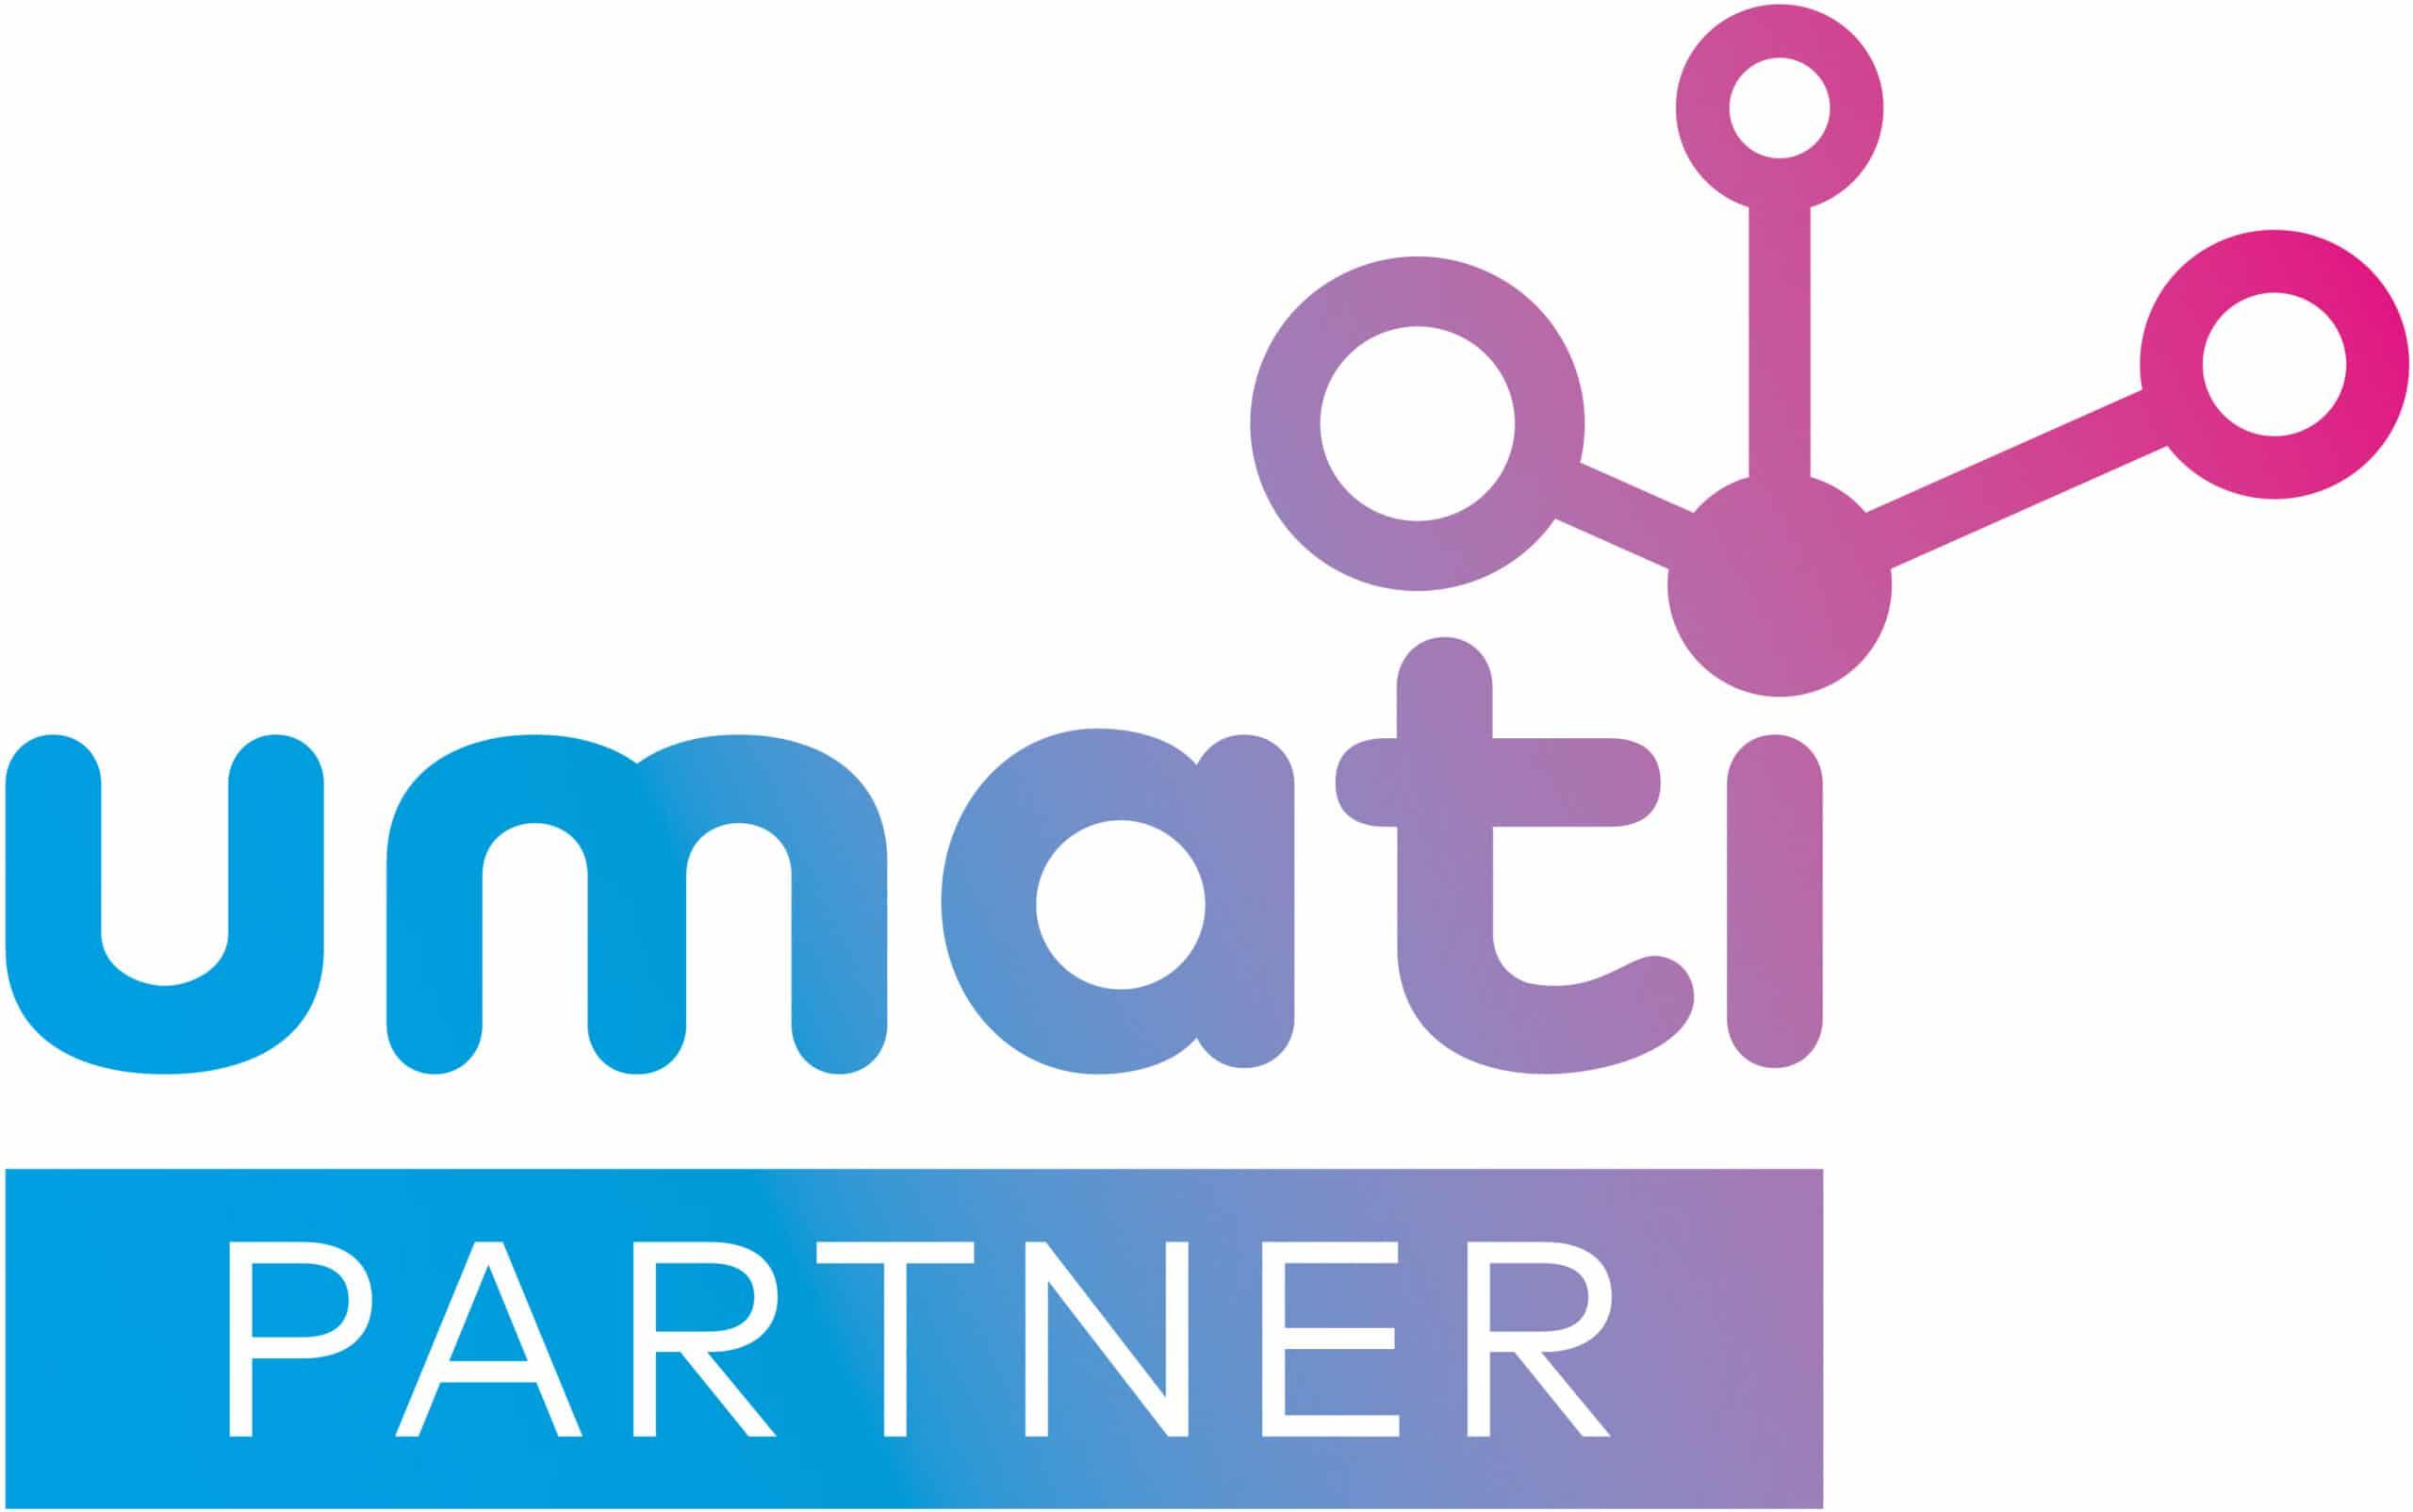 Wir freuen uns, Mitglied der umati-community zu sein.